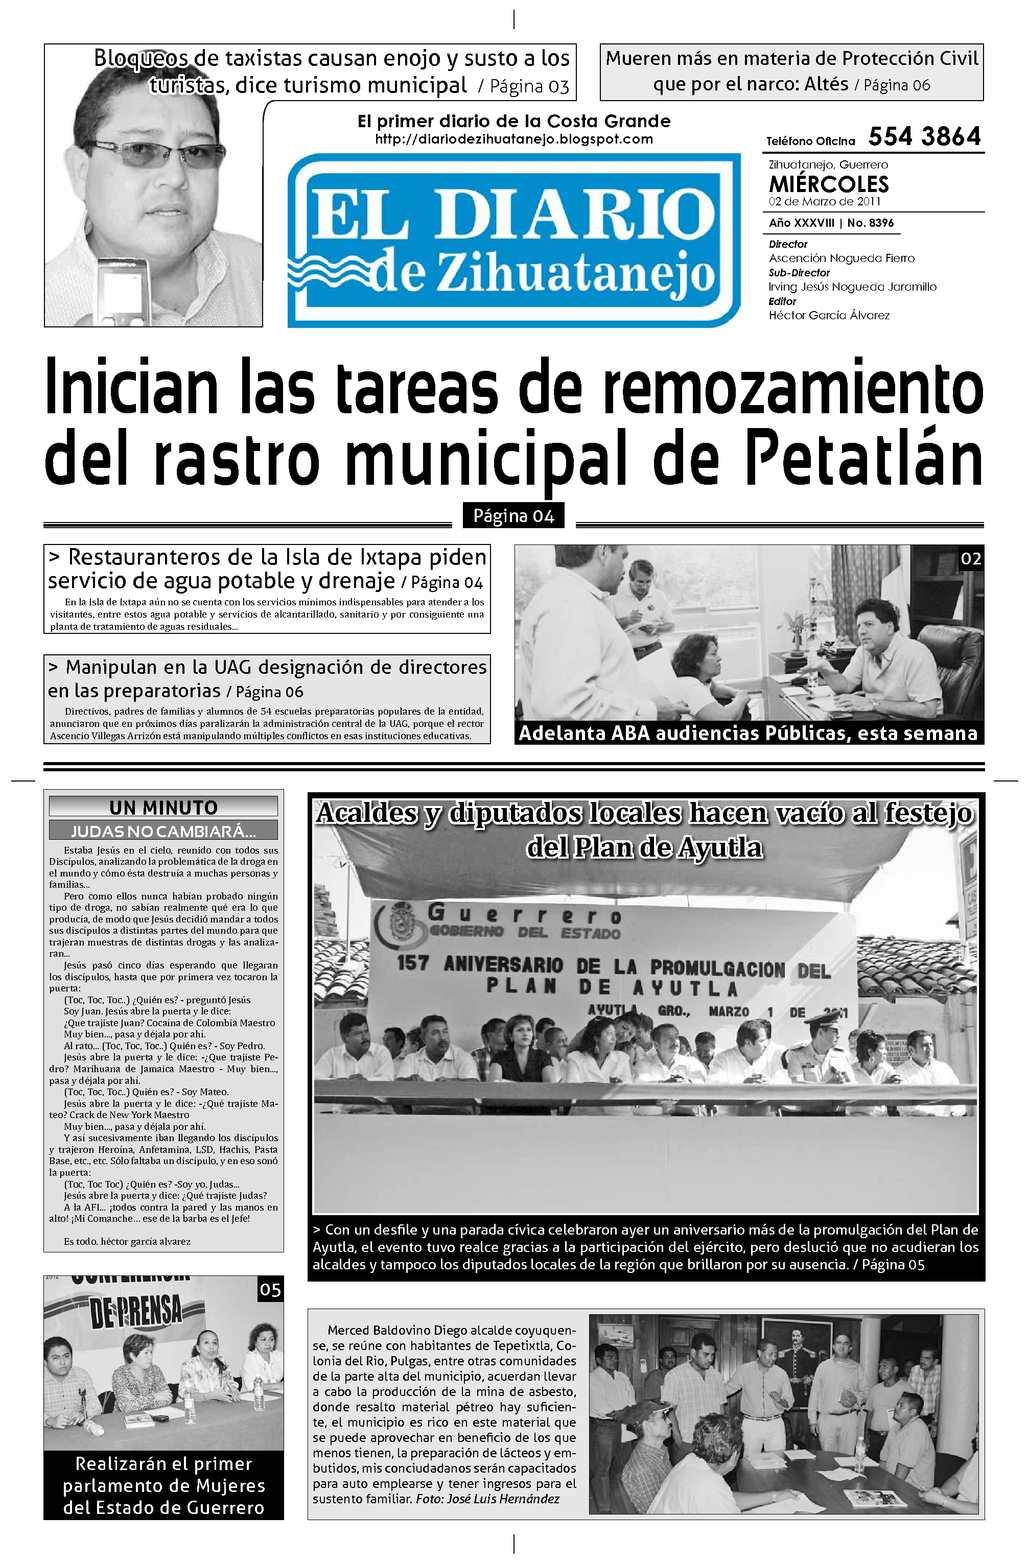 Calaméo - Edición Miércoles 02 de marzo de 2011